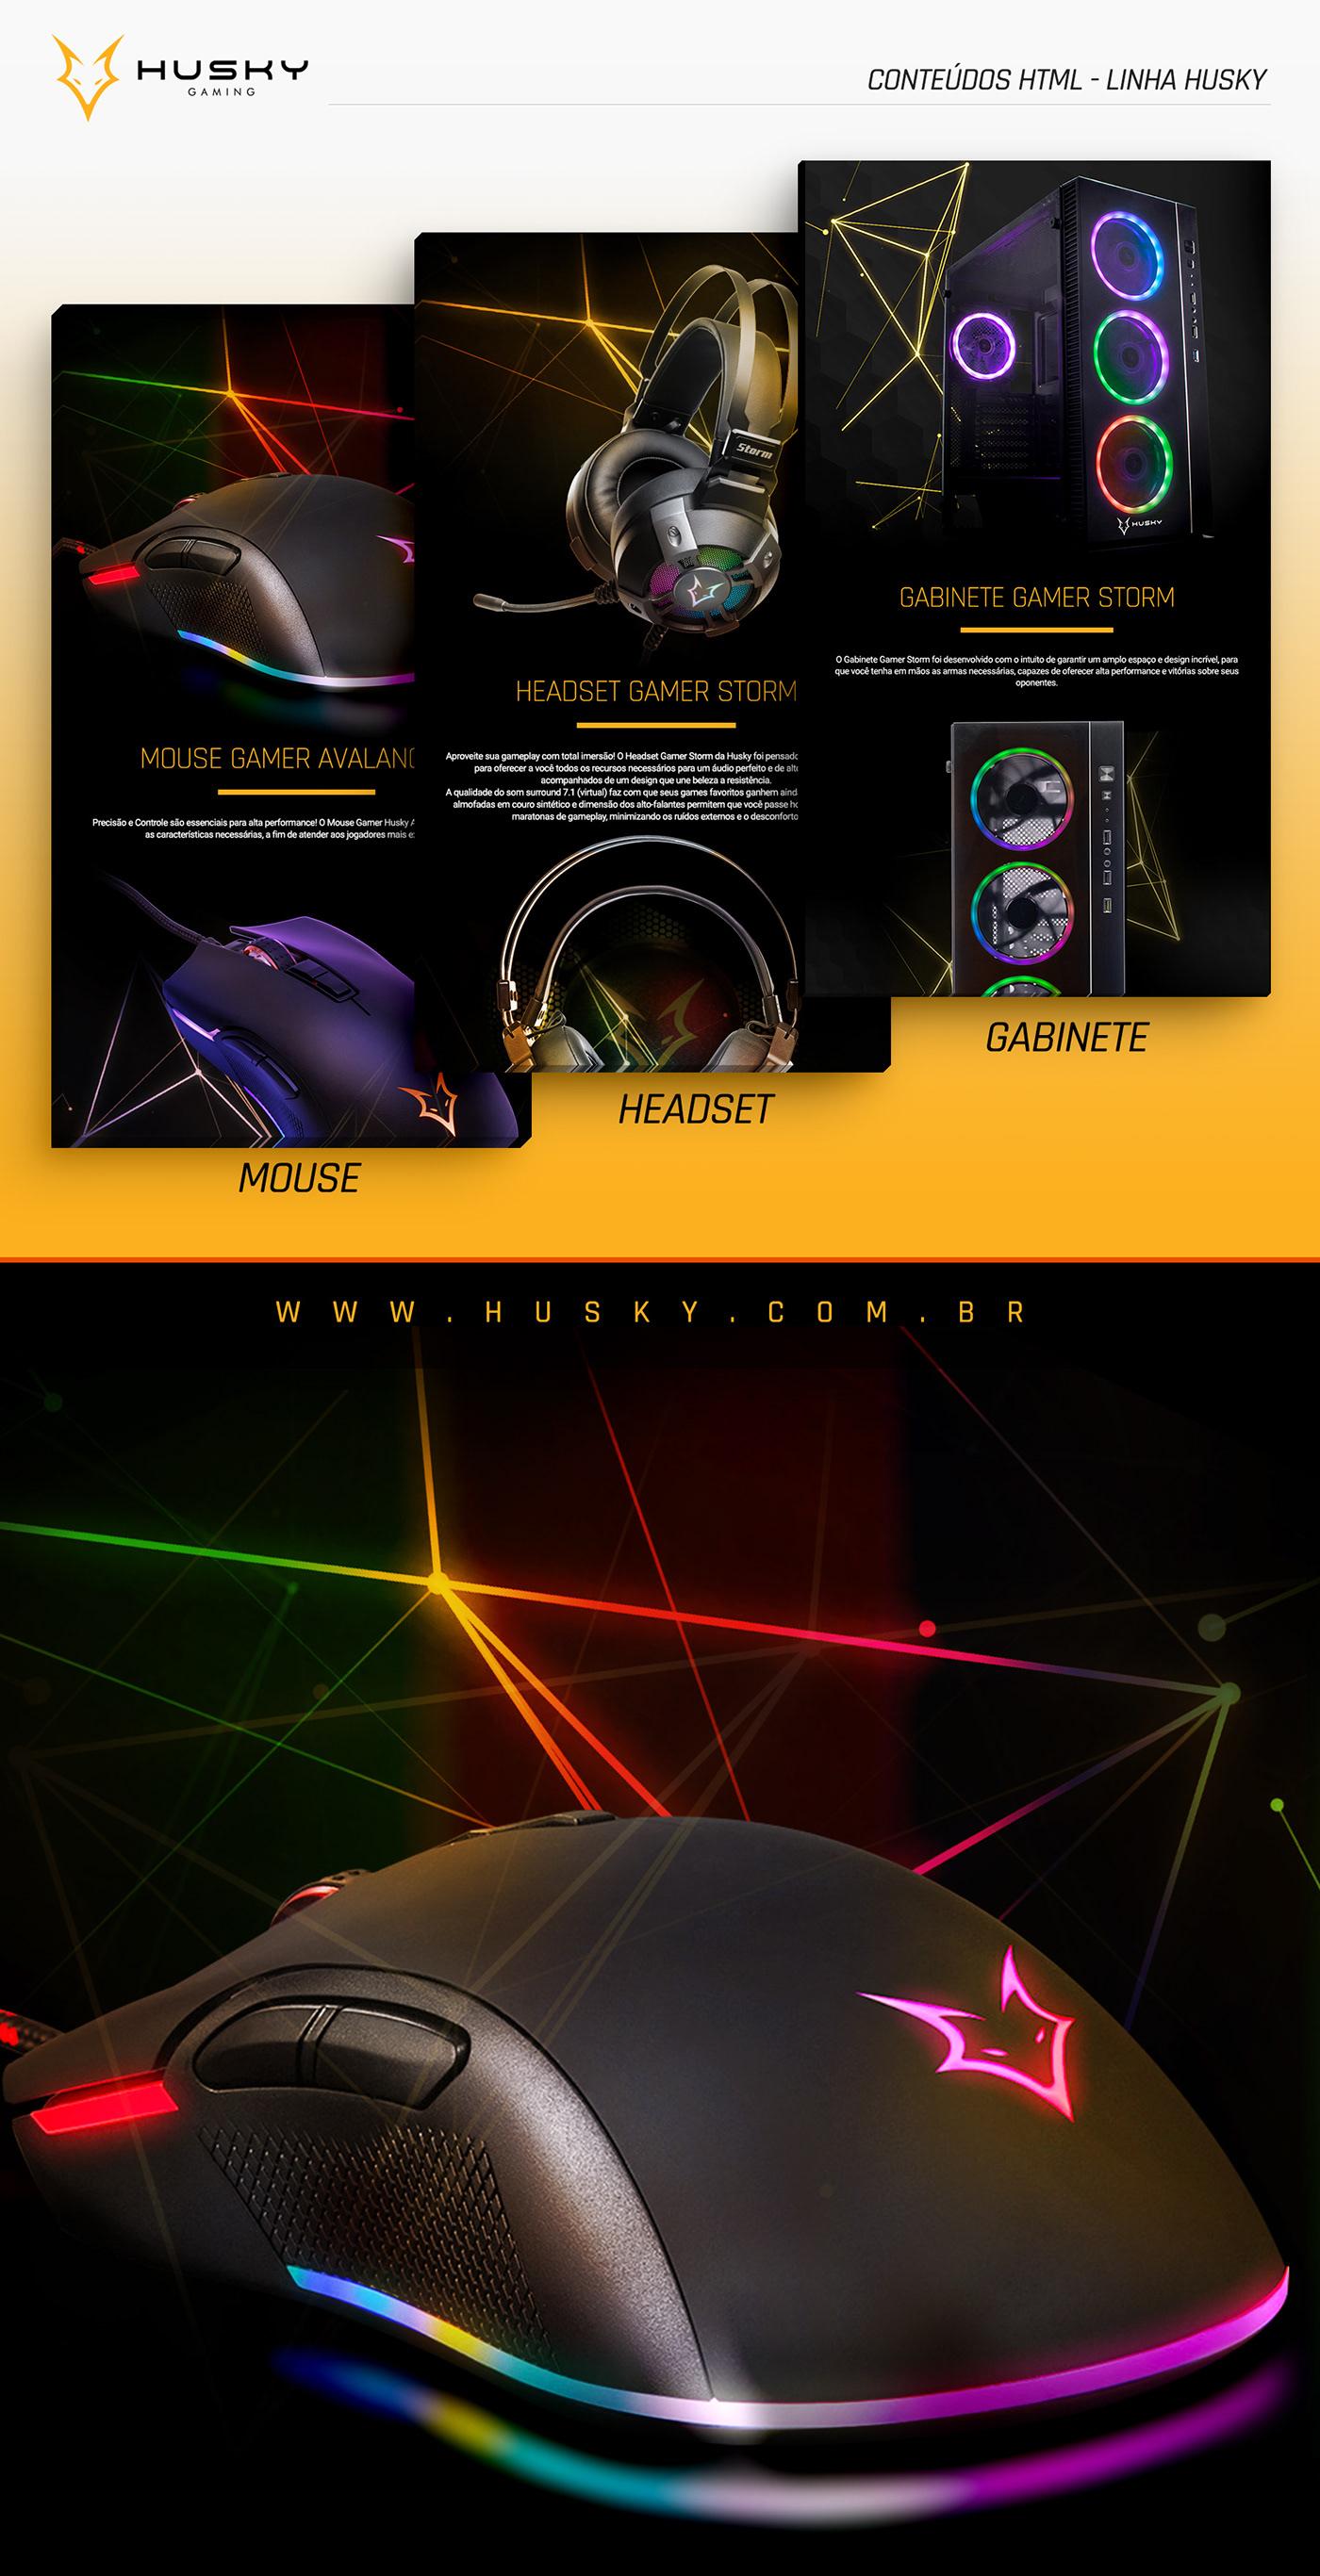 criação design Layout Web Produtos adobe photoshop